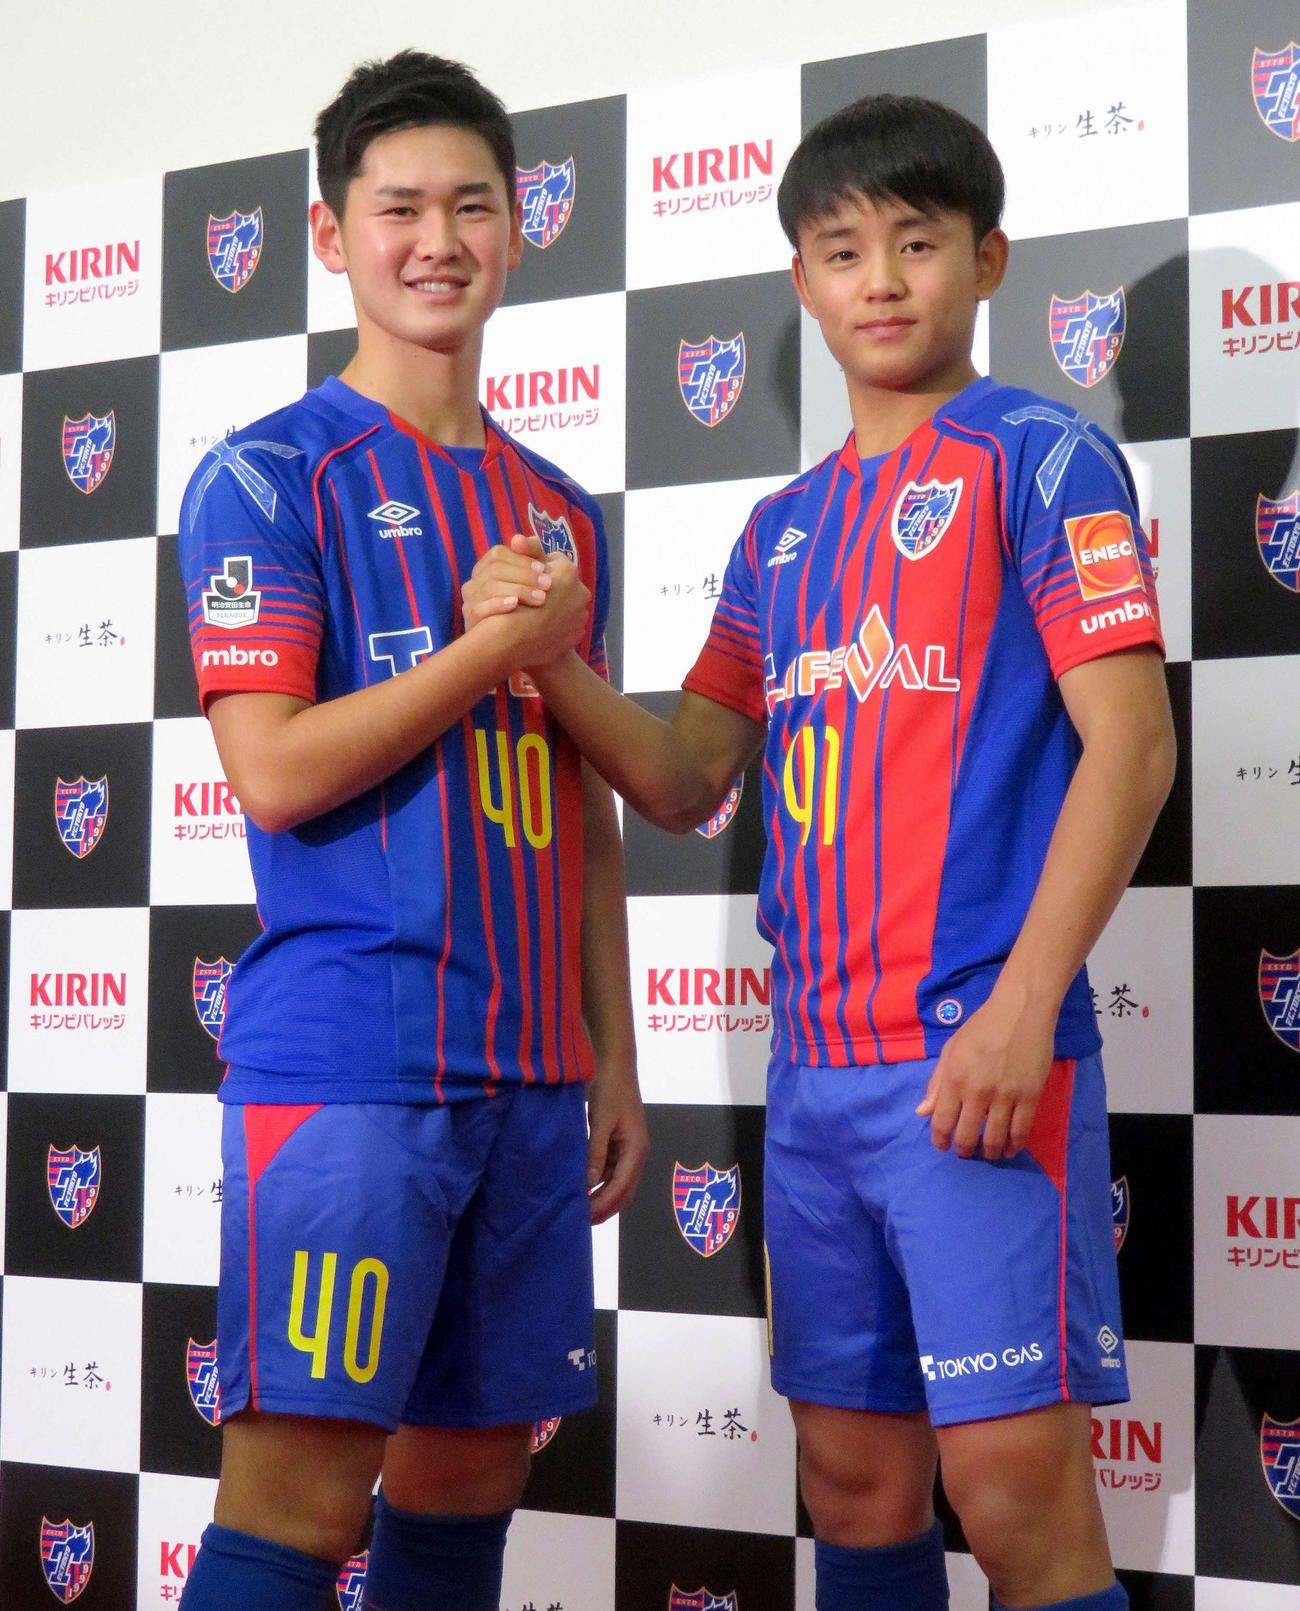 17年11月1日、プロ契約締結会見を行った東京の16歳MF久保建英(右)と17歳MF平川怜